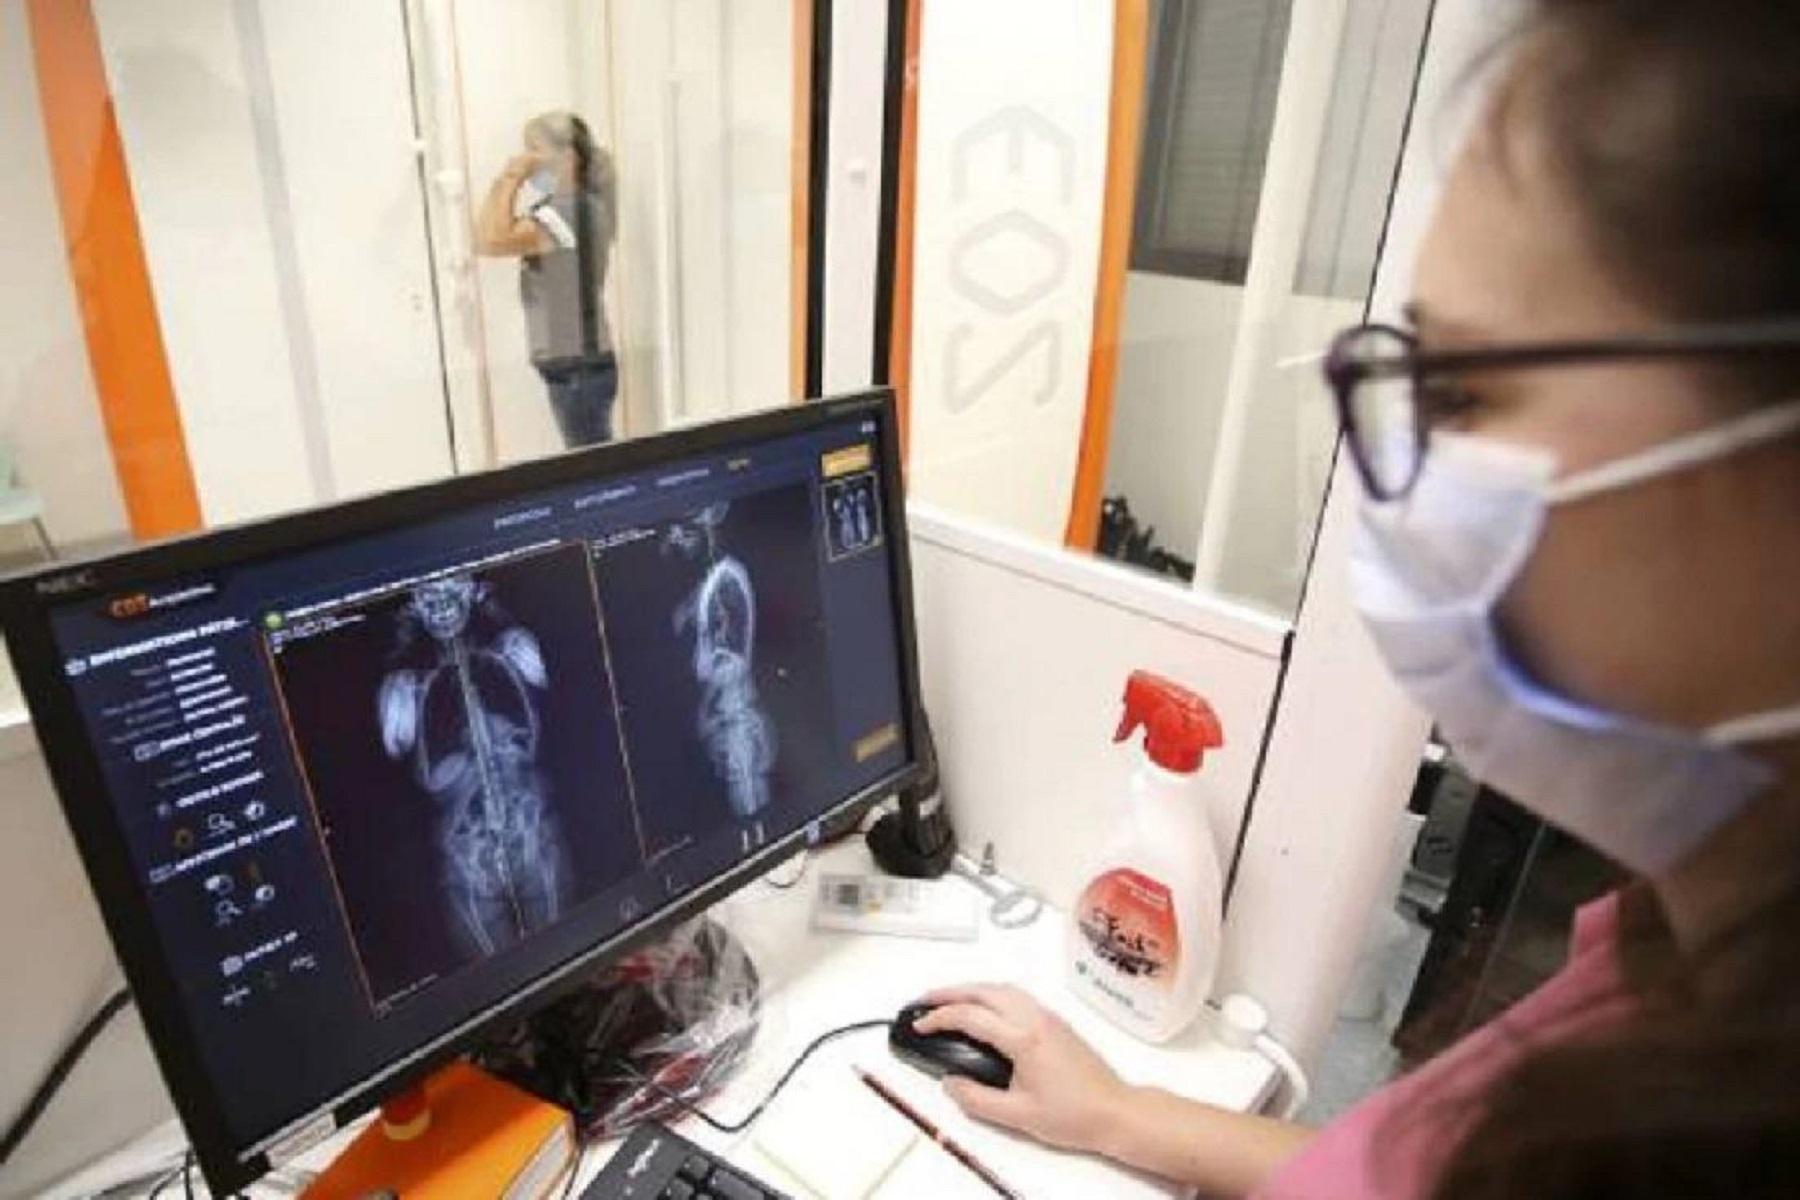 Ηνωμένο Βασίλειο: Έφηβος εισήγαγε ένα καλώδιο USB στην ουρήθρα του και έπρεπε να αφαιρεθεί χειρουργικά